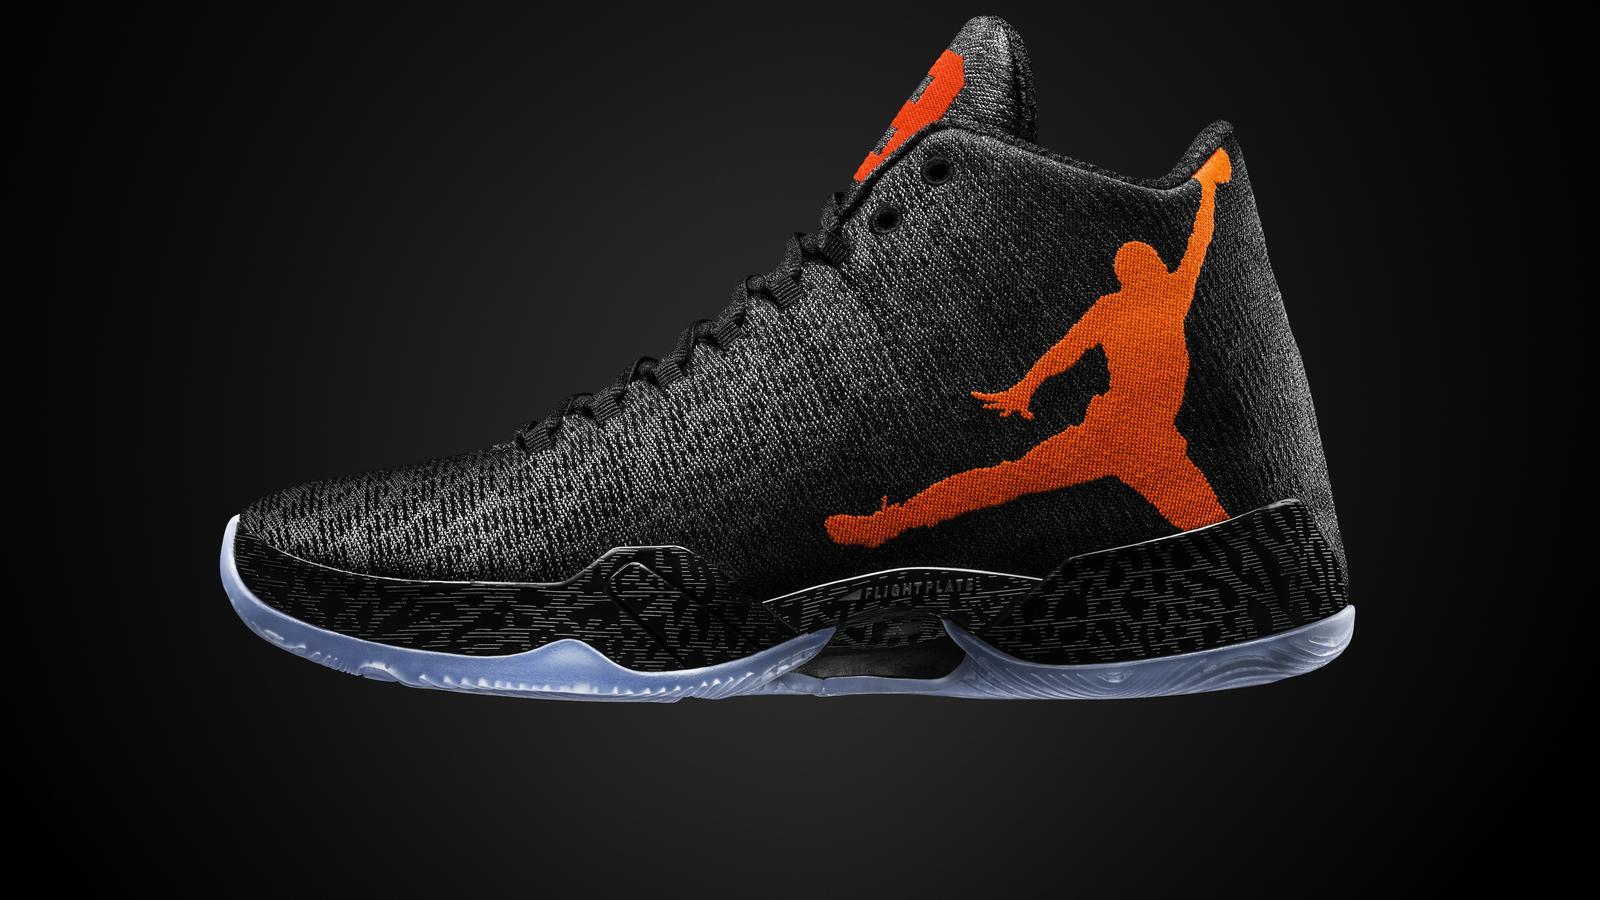 Air Jordan Signature Shoes